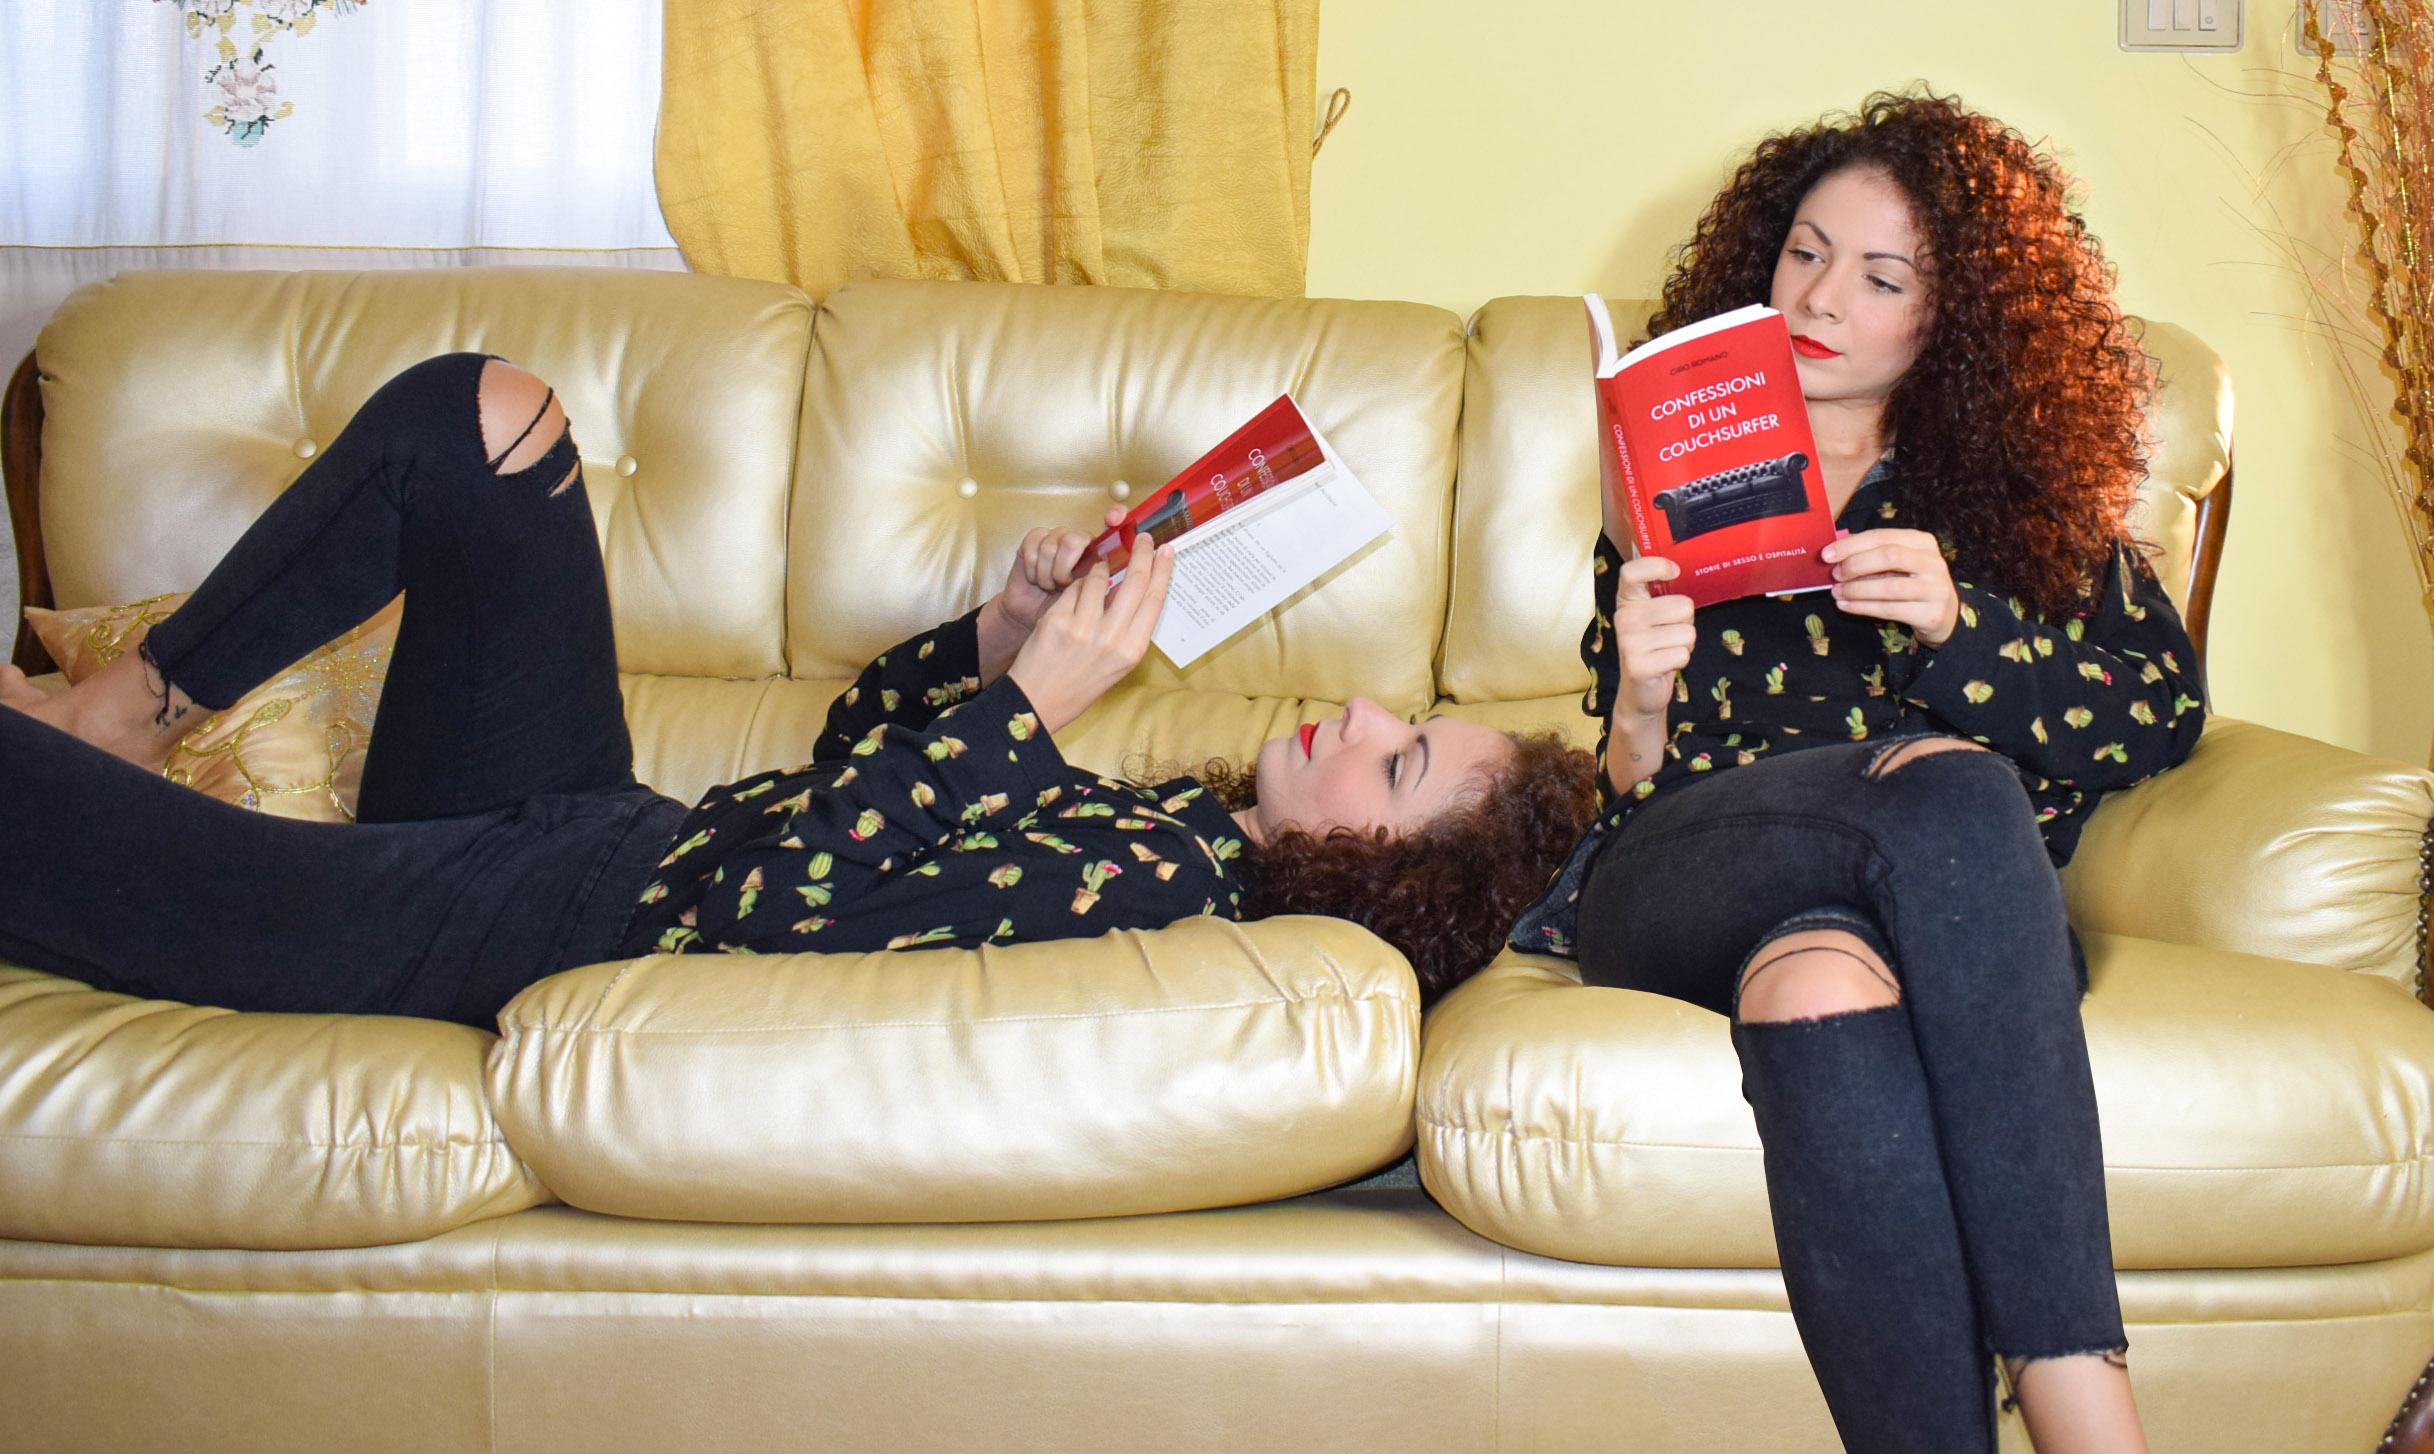 CouchSurfing storie di incontri